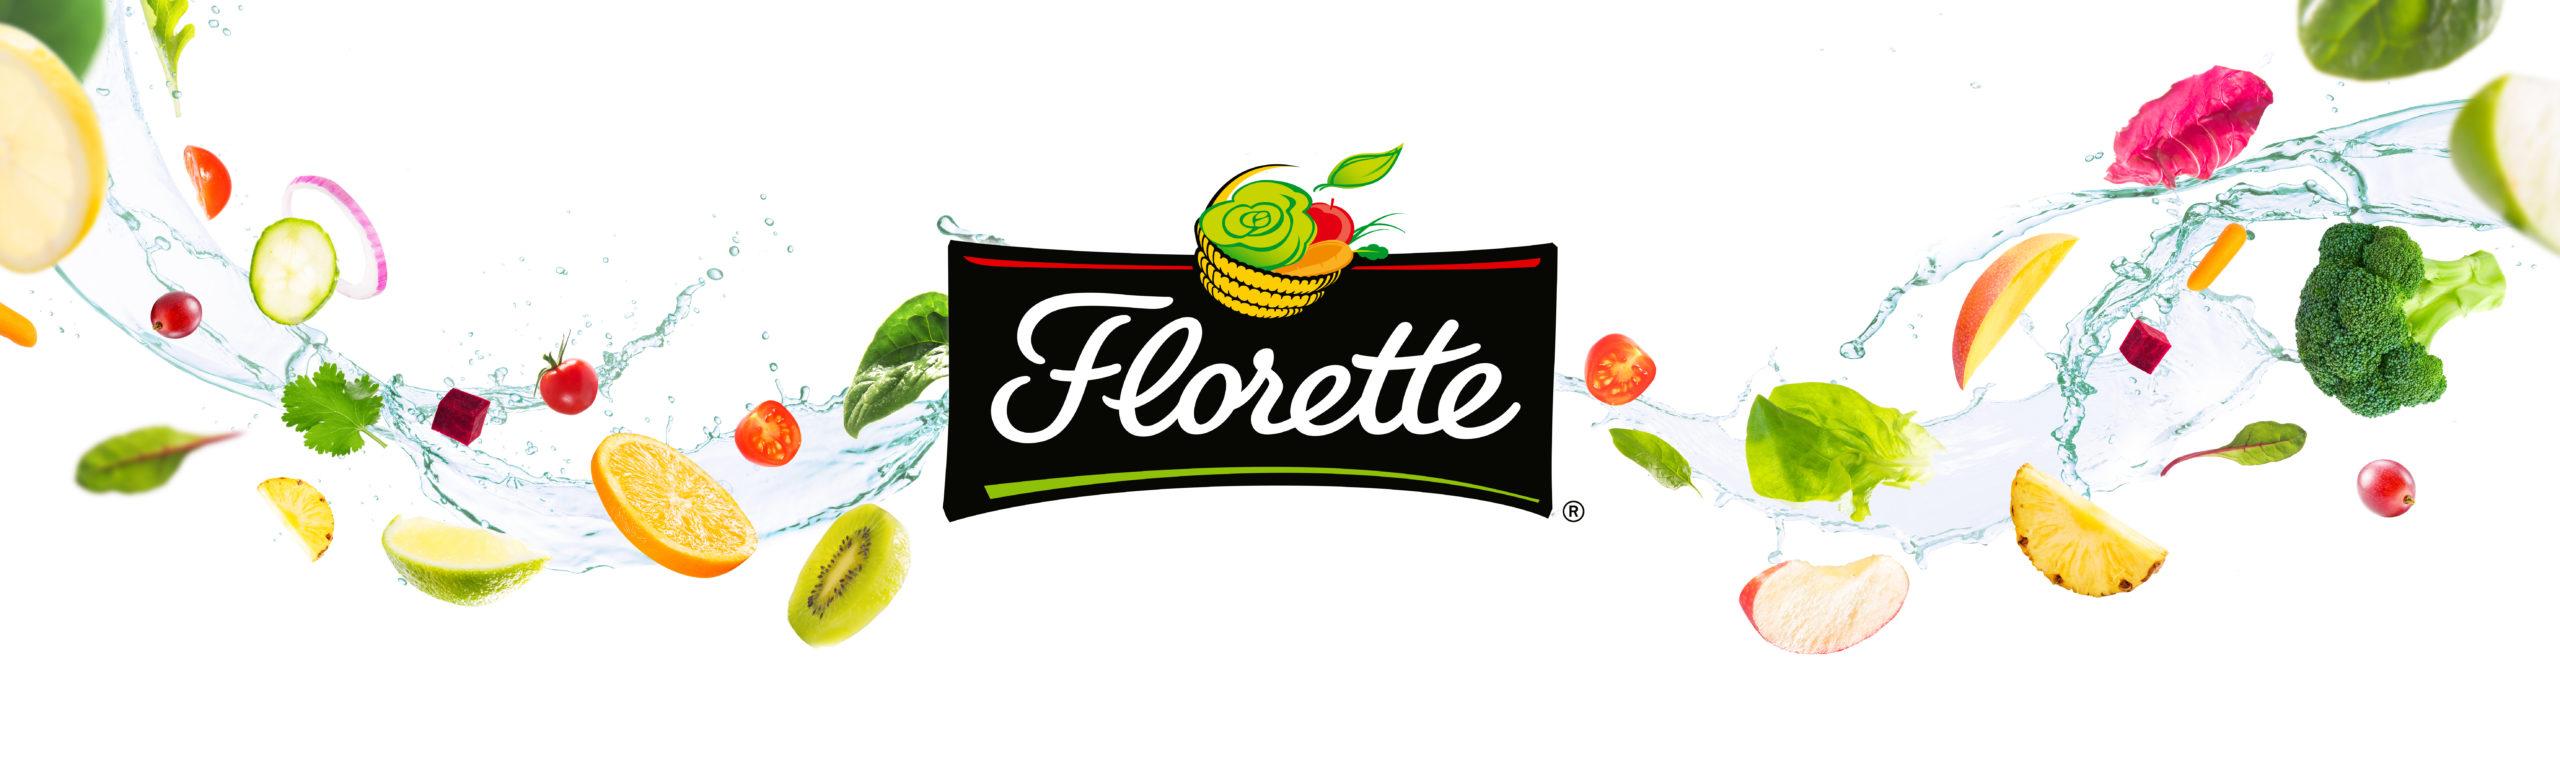 Florette graphisme